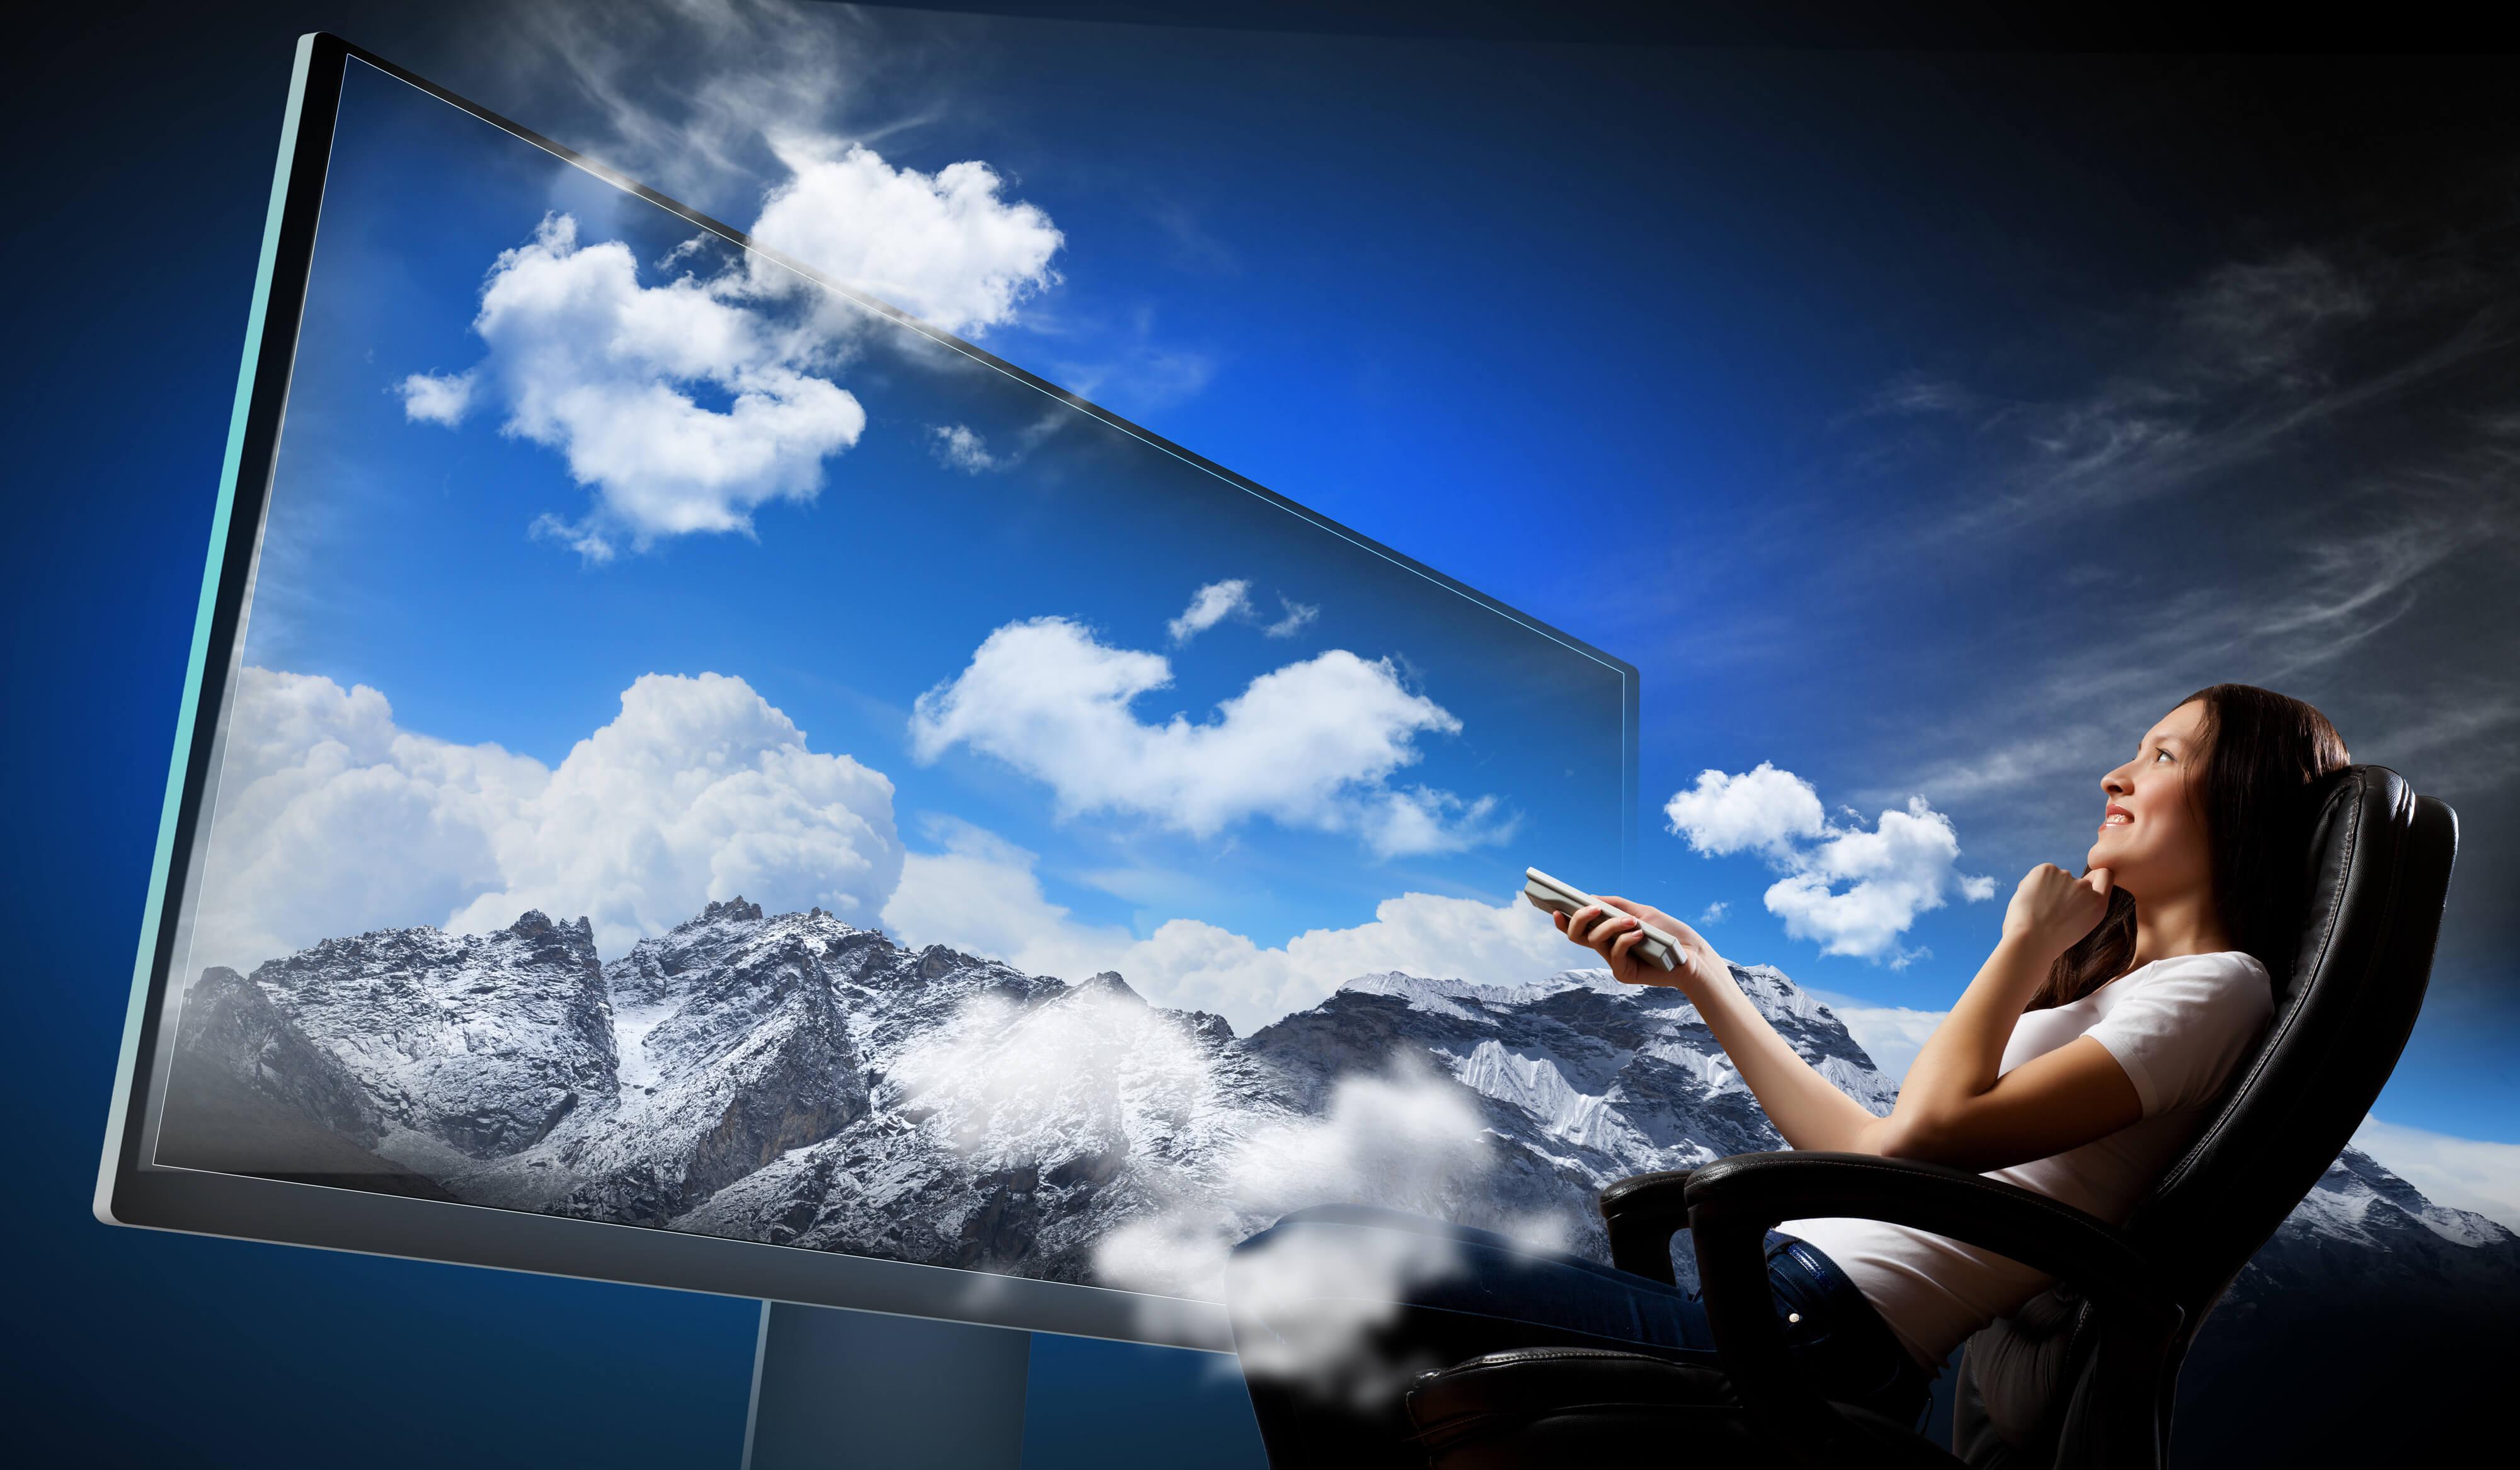 Telewizor 3D. Jak działa? Jaki wybrać i kupić? Najlepsze TV 3D w rankingu 2020!